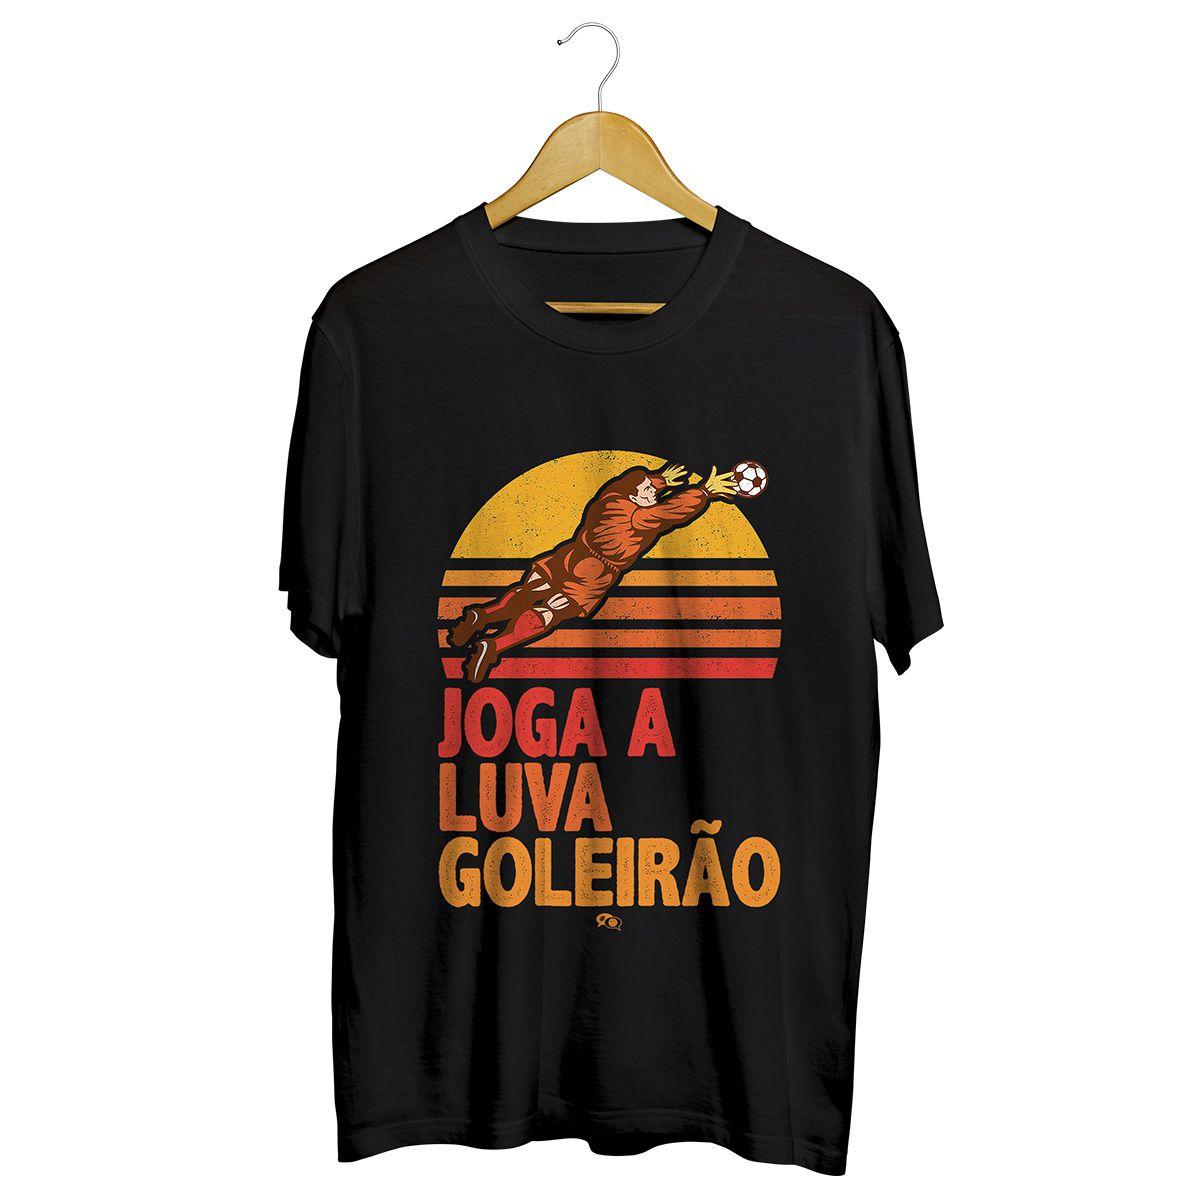 Camiseta - JOGA A LUVA GOLEIRÃO. Masculino